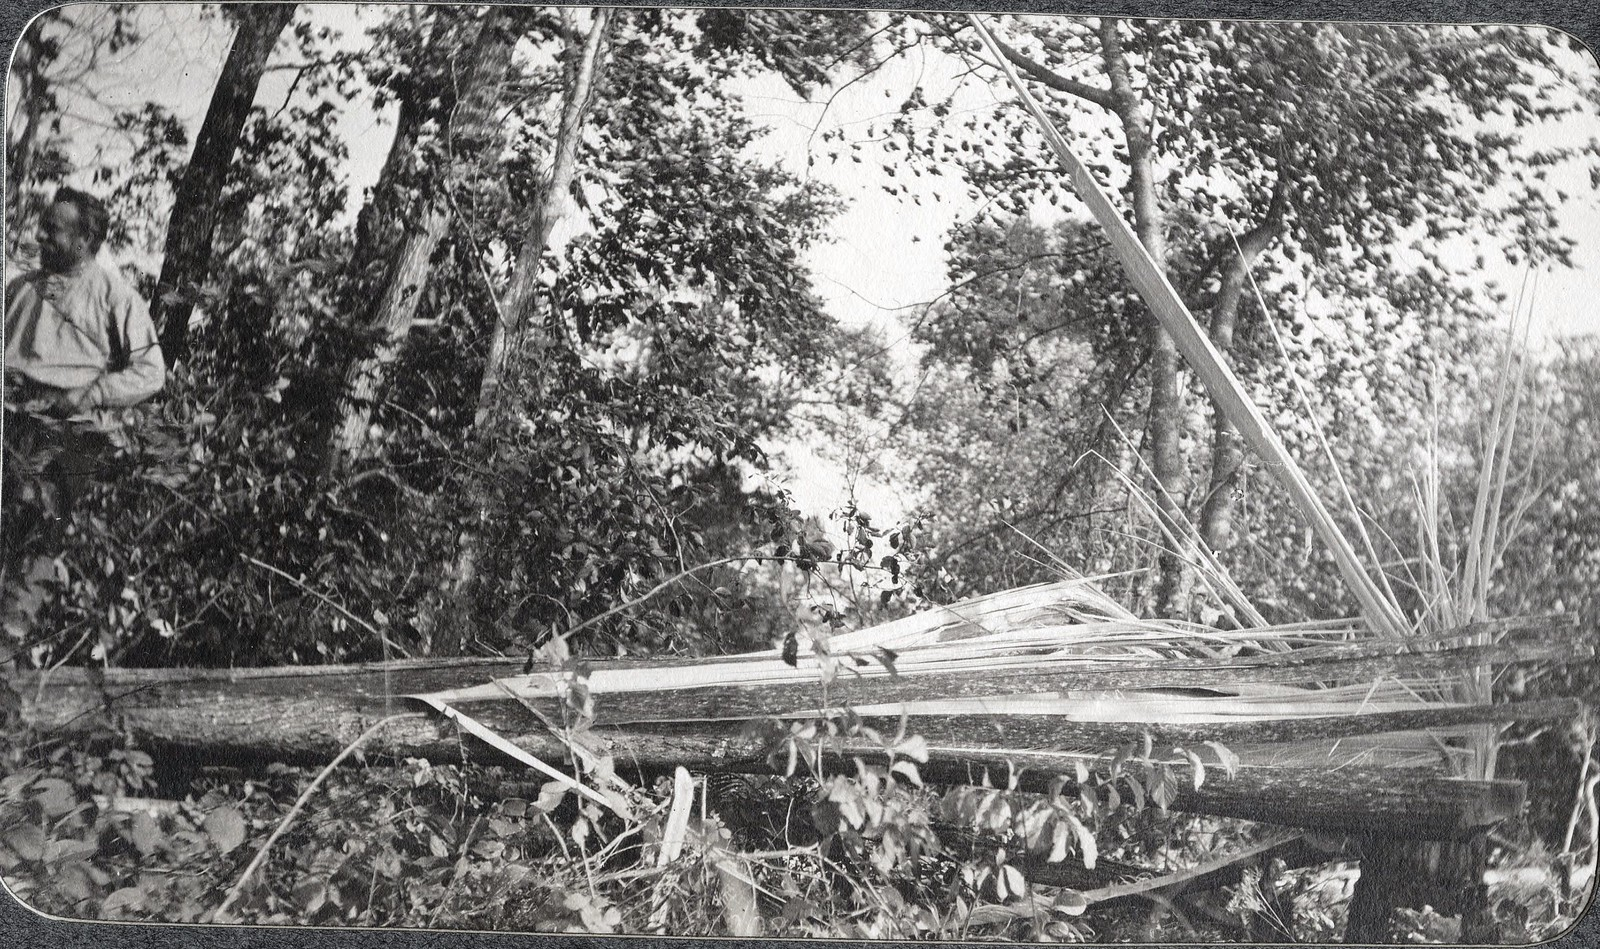 Вид дерева, сломанного ураганом 14 августа 1908 г., в лесу.